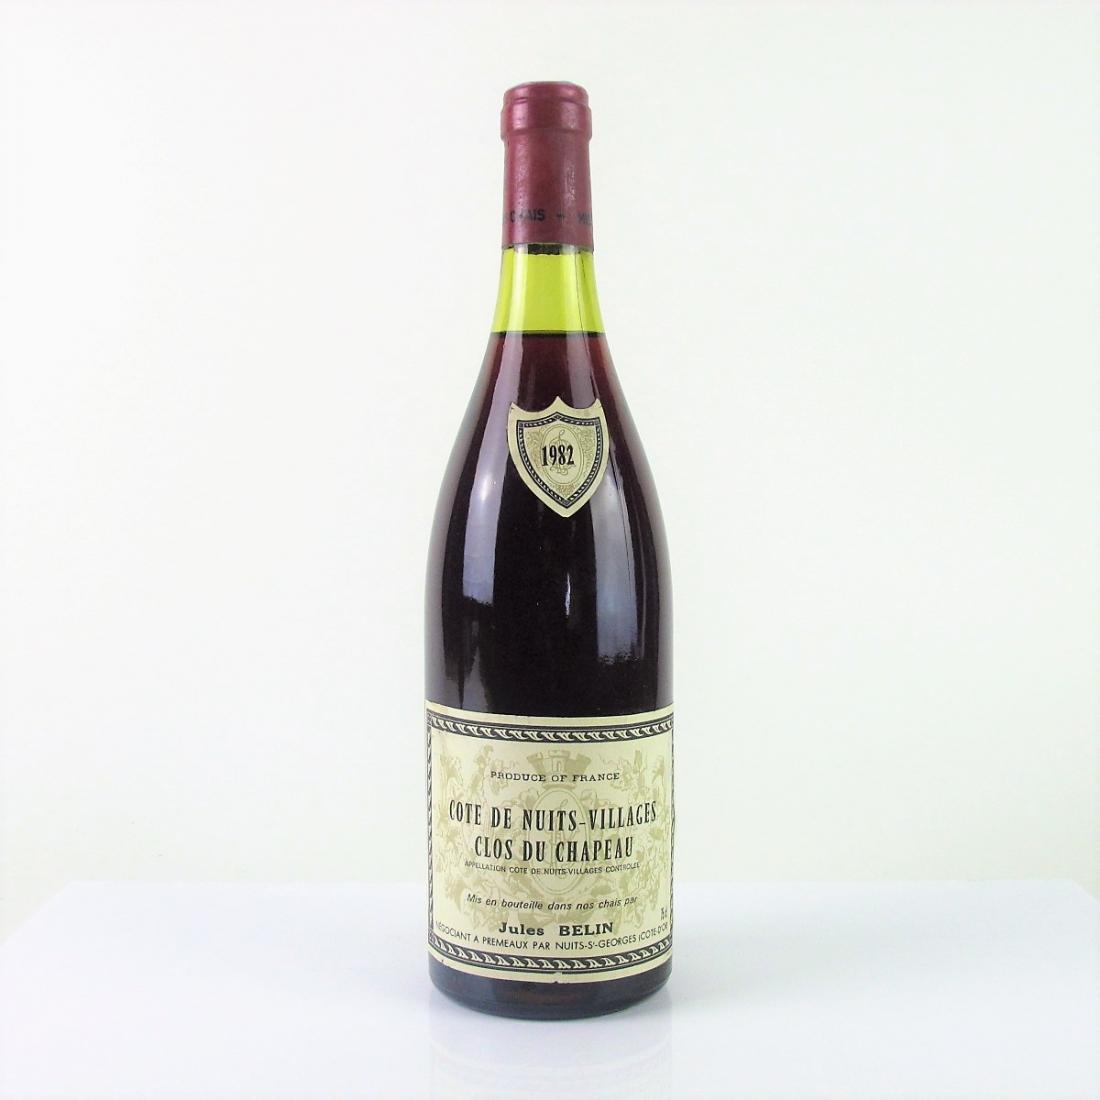 J.Belin 1982 Côte-de-Nuits-Villages